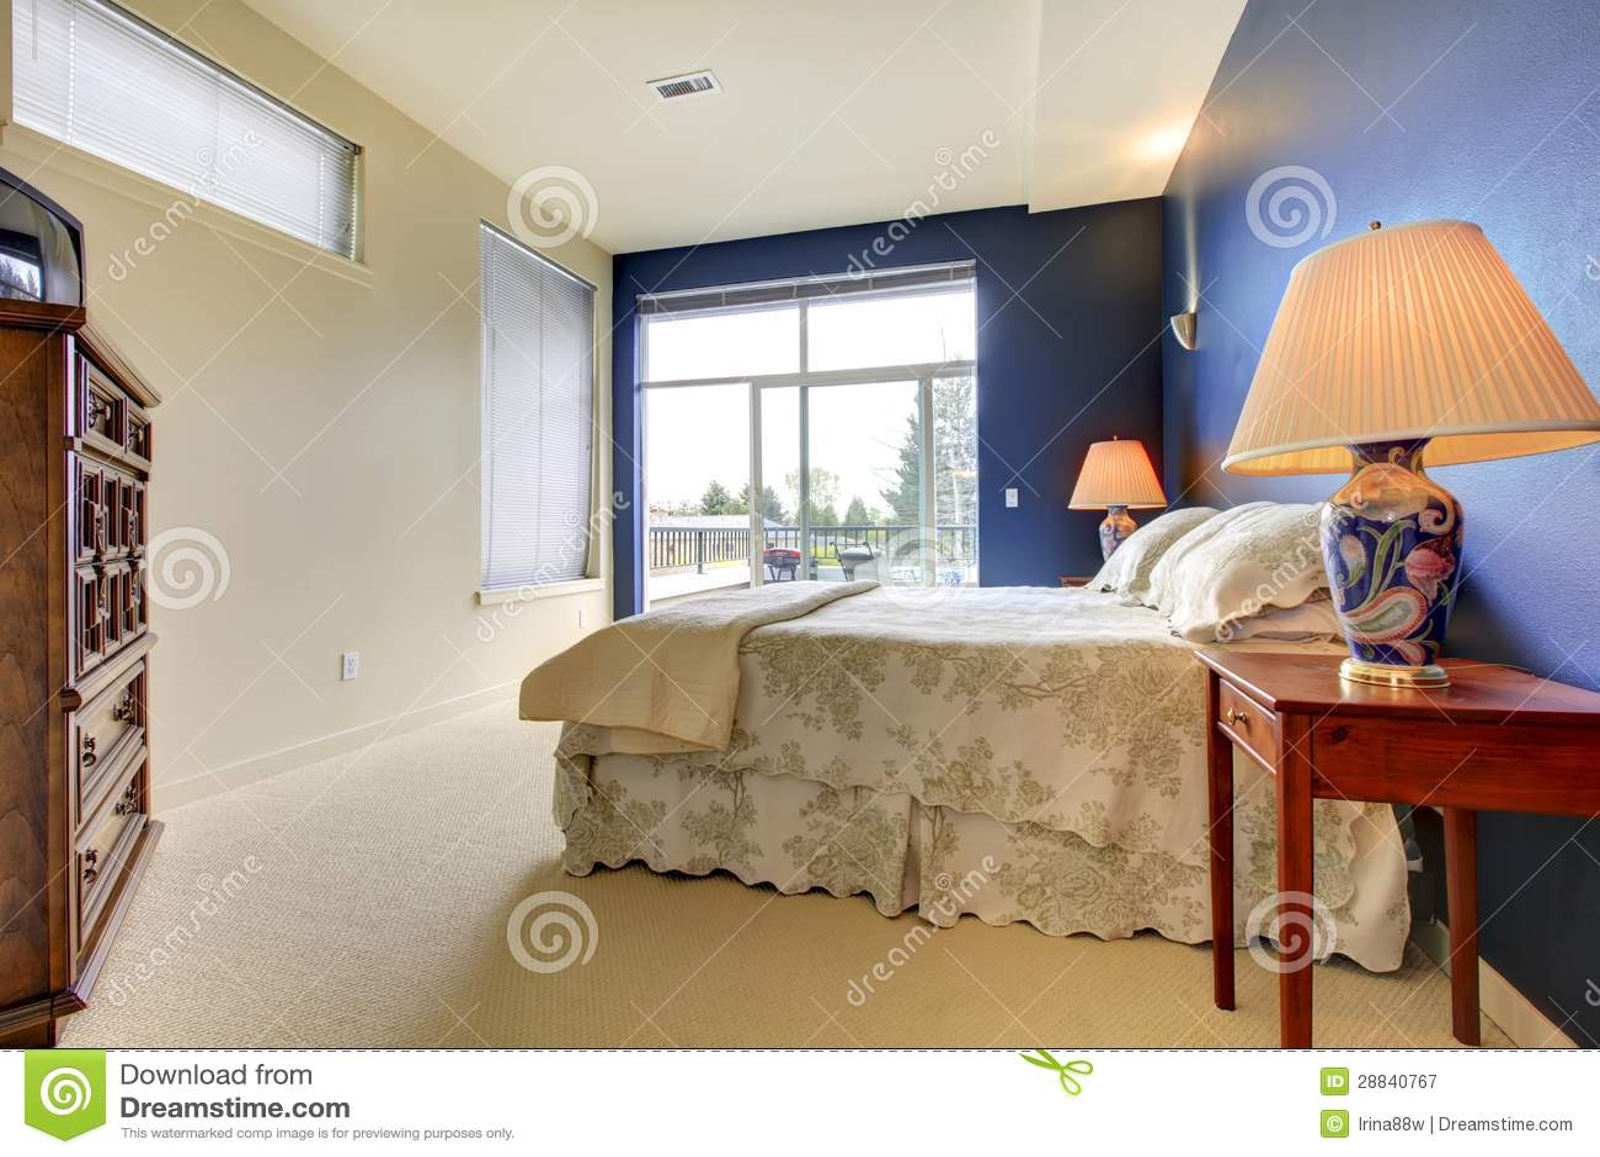 Schlafzimmer Mit Blauer Wand Und Asiatischen Lampen.